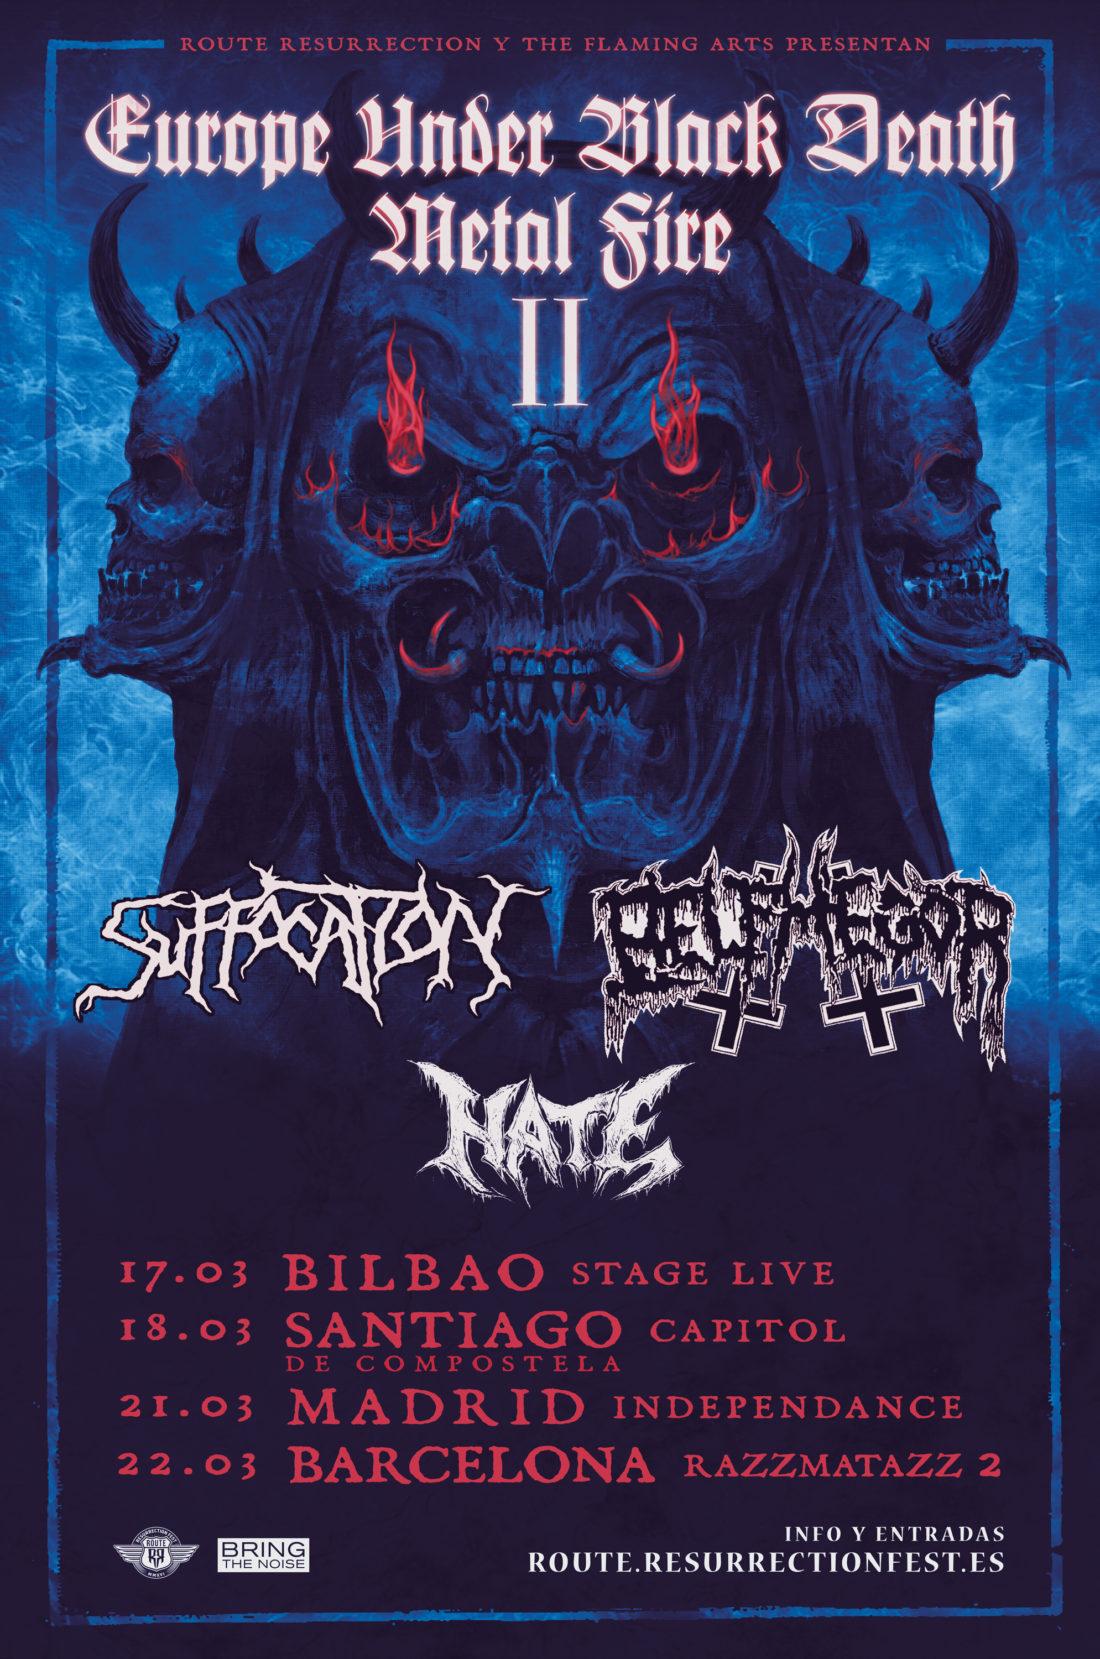 Nueva gira Route Resurrection: Suffocation y Belphegor de gira como cabezas de cartel